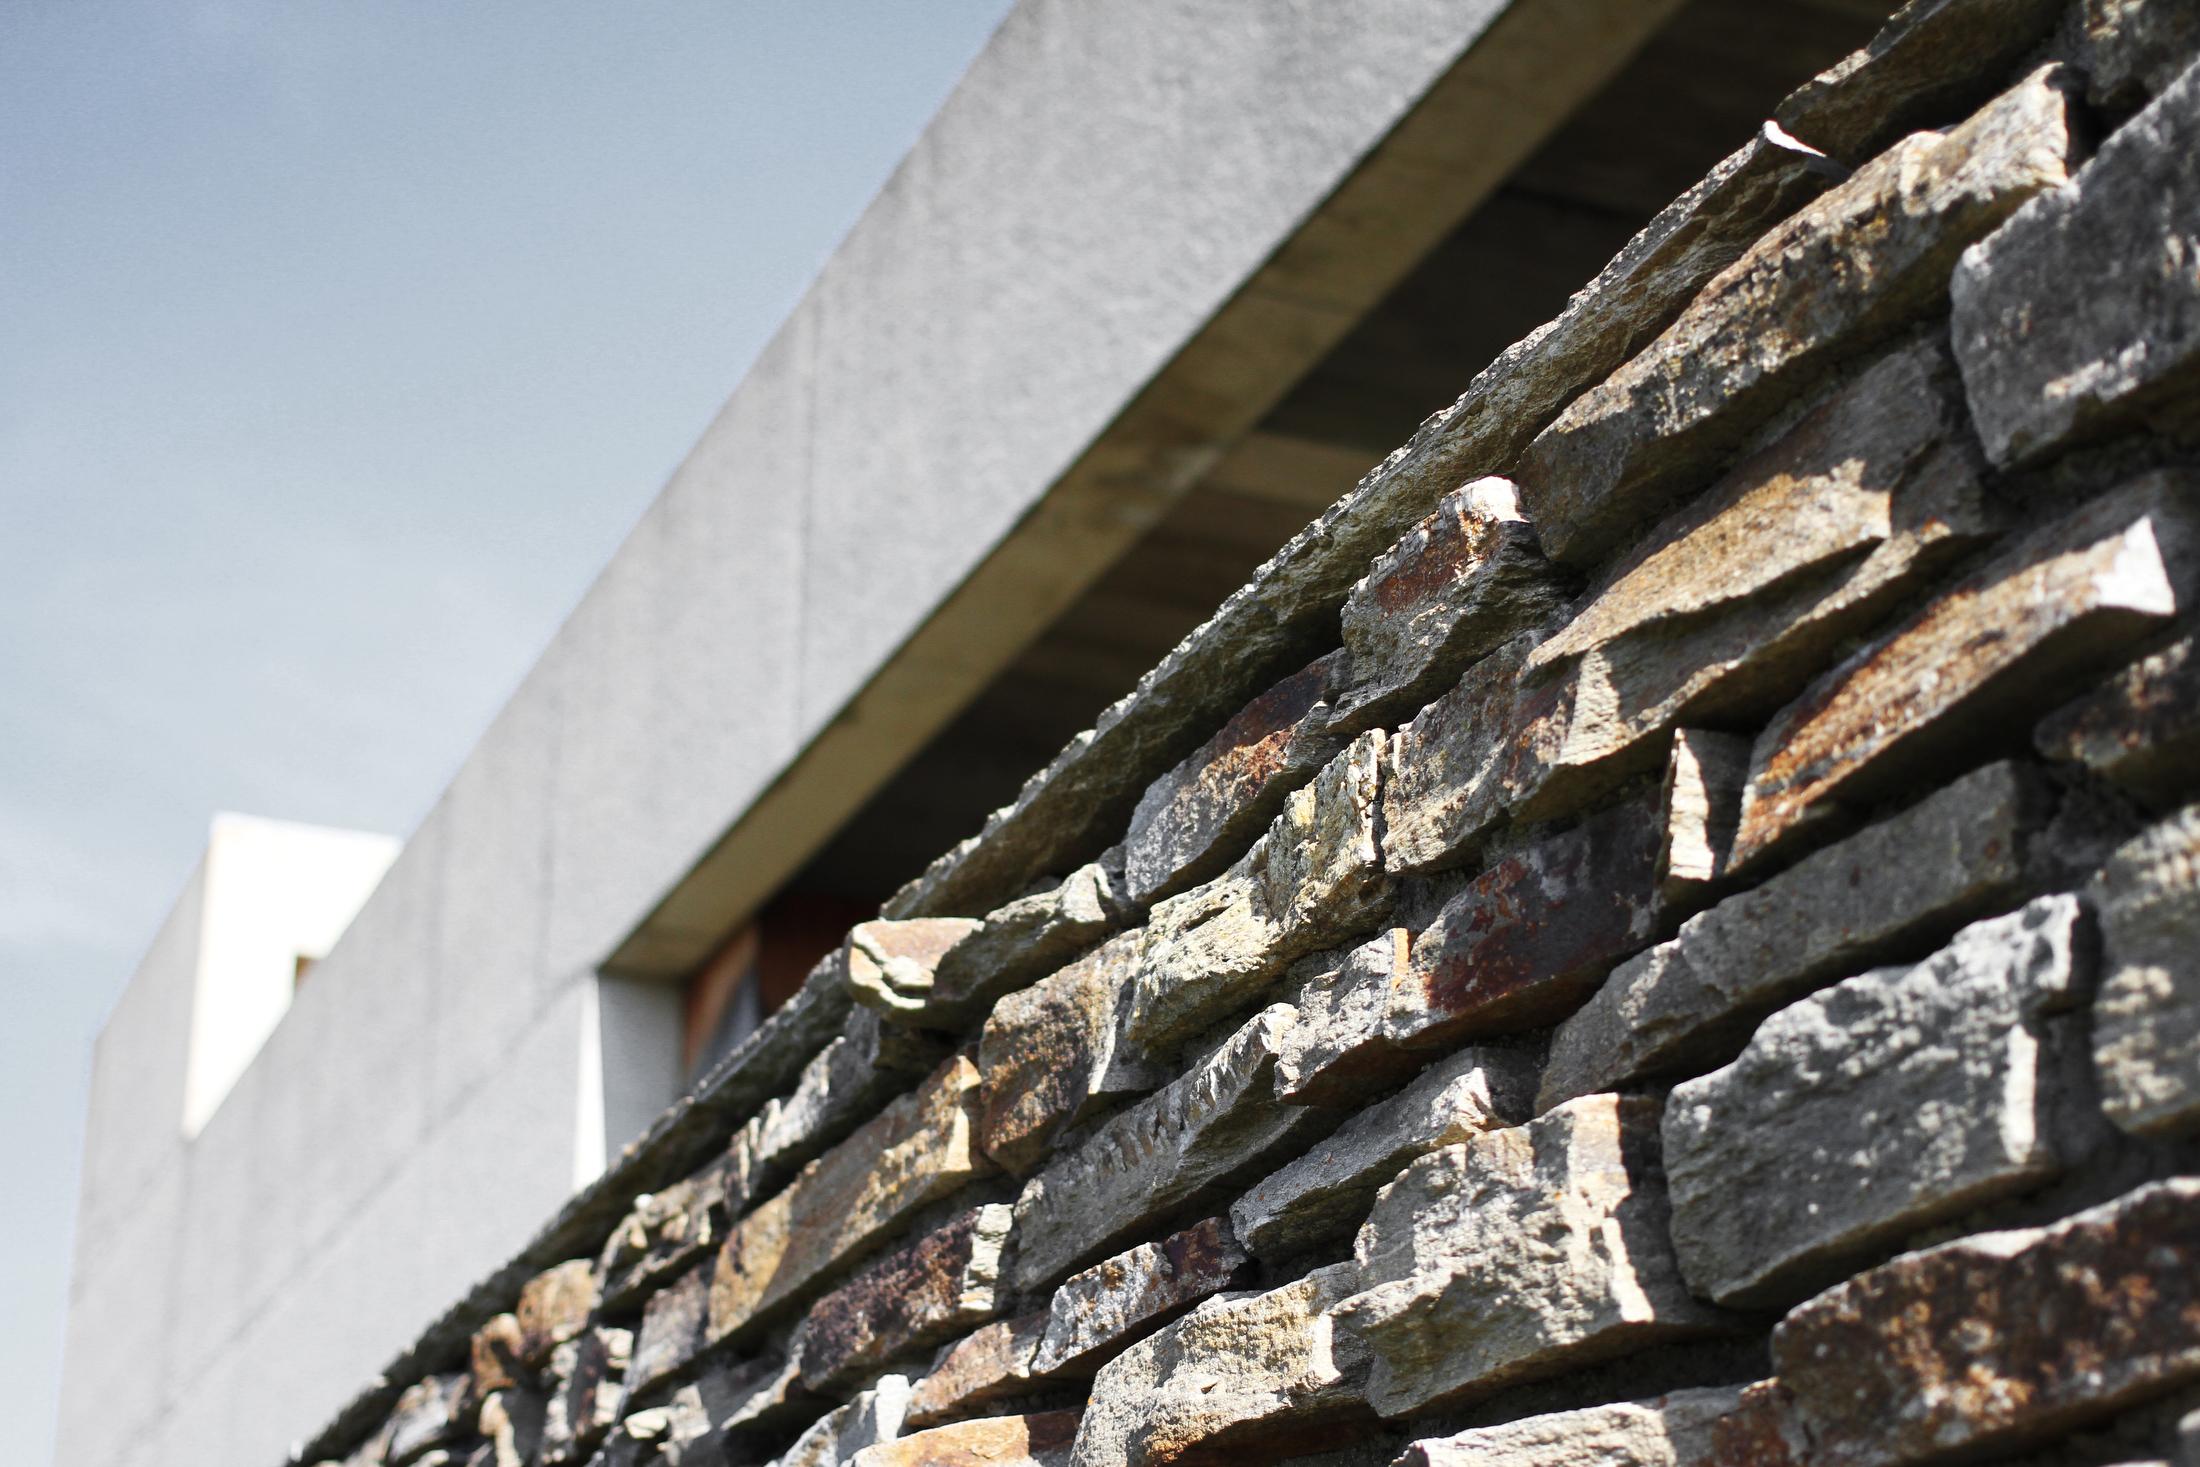 Natursteinmauerwerk versus Beton